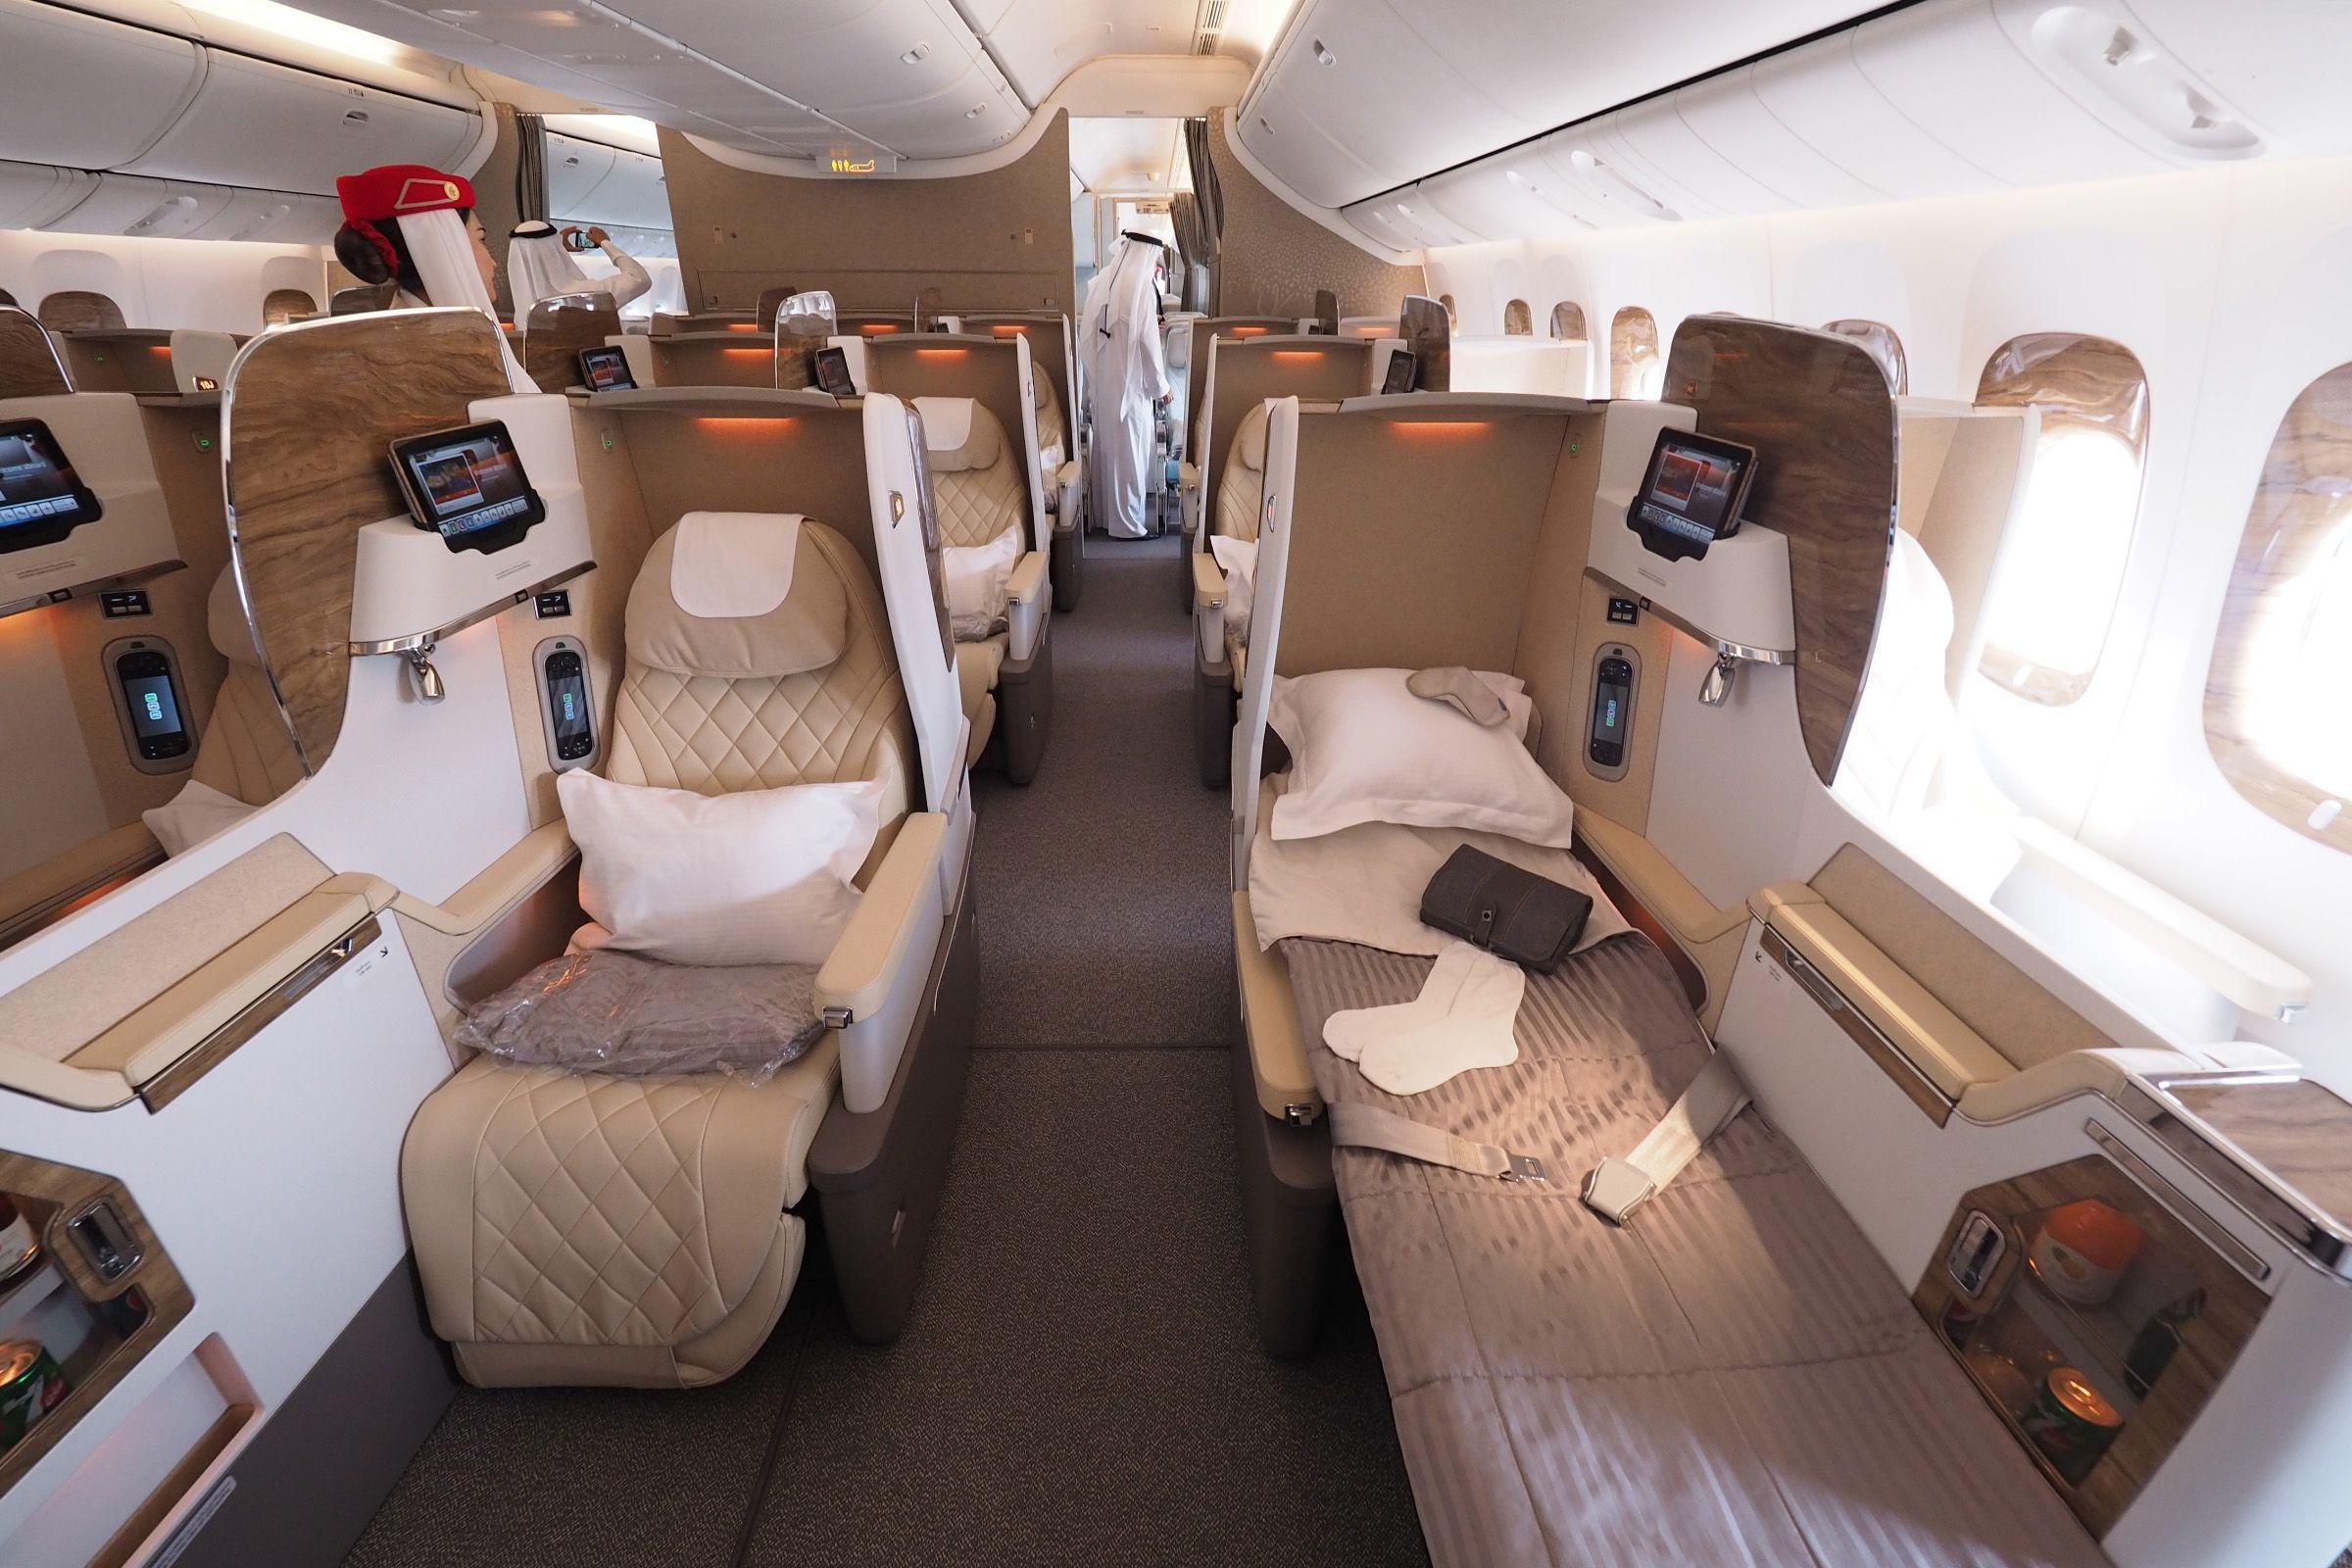 бизнес класс фото салона самолета задаваемые вопросы работе